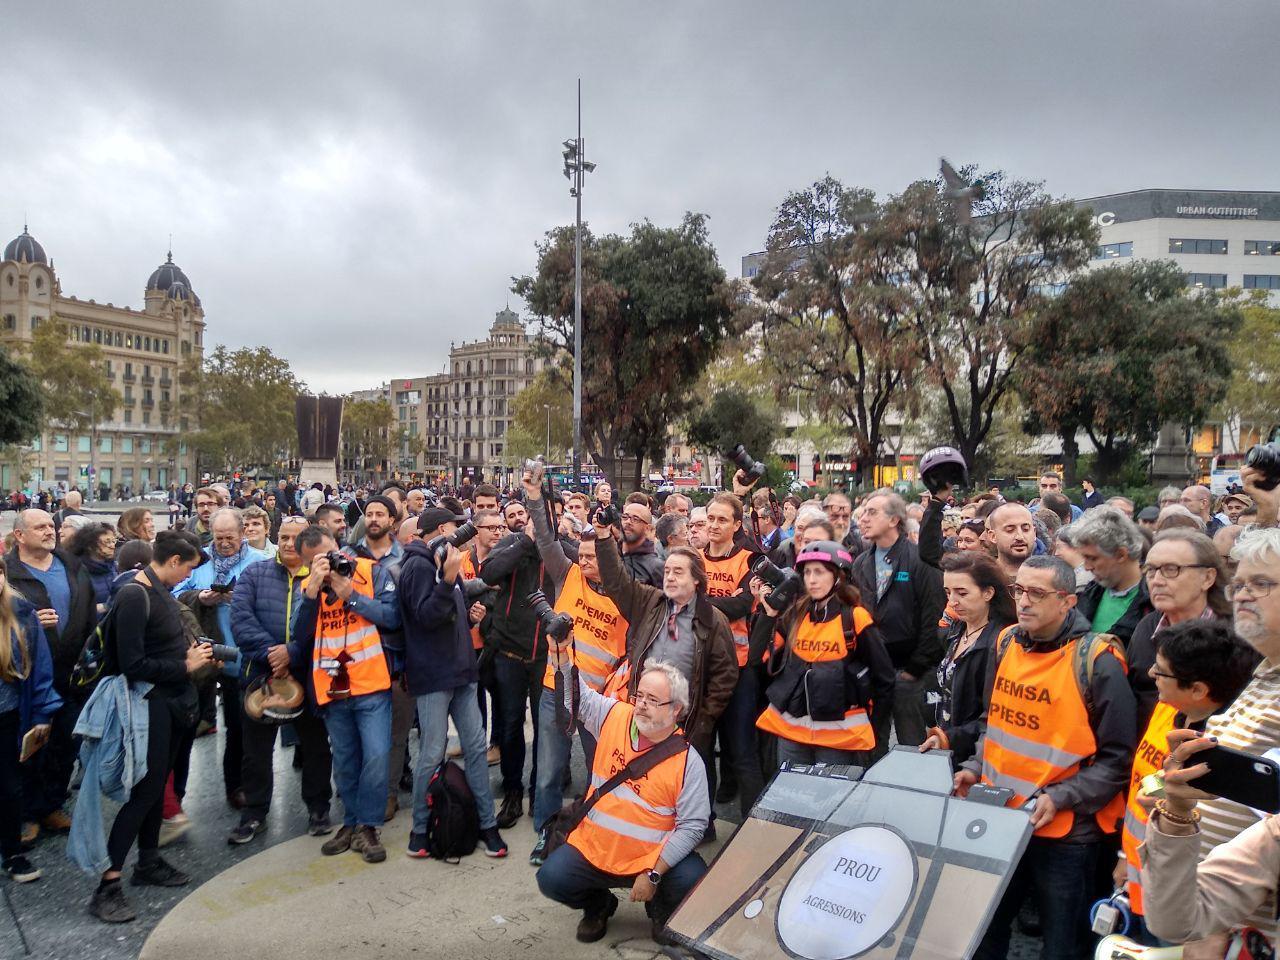 Concentració d'informació contra les agressions als i les periodistes foto: Tomeu Ferrer